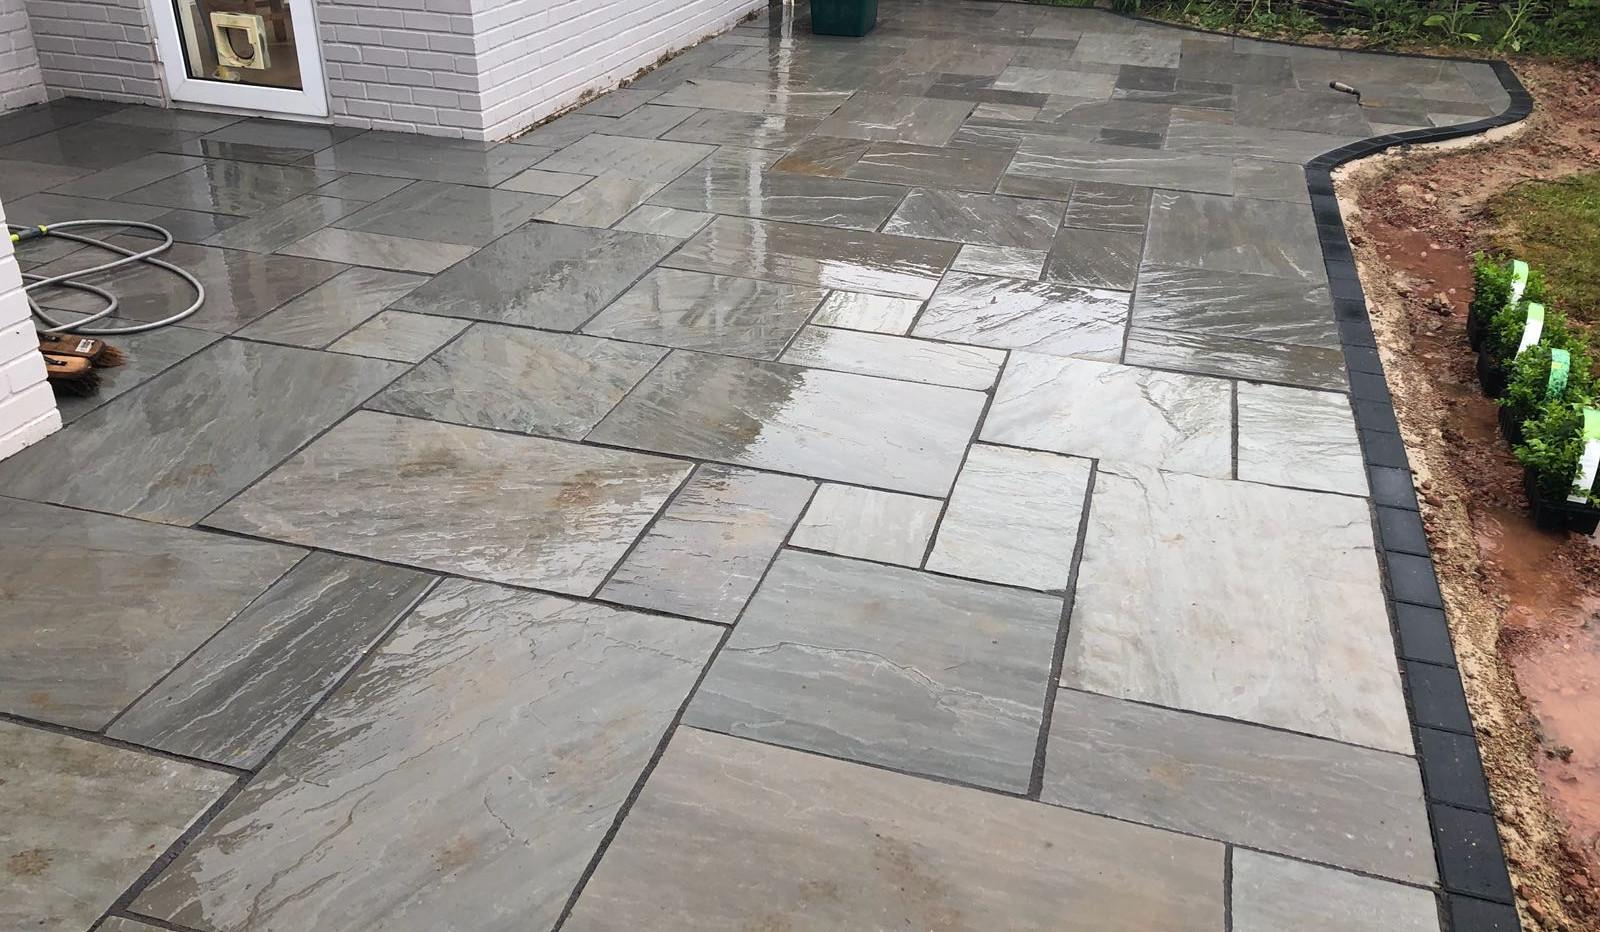 silver grey sandstone patio laid